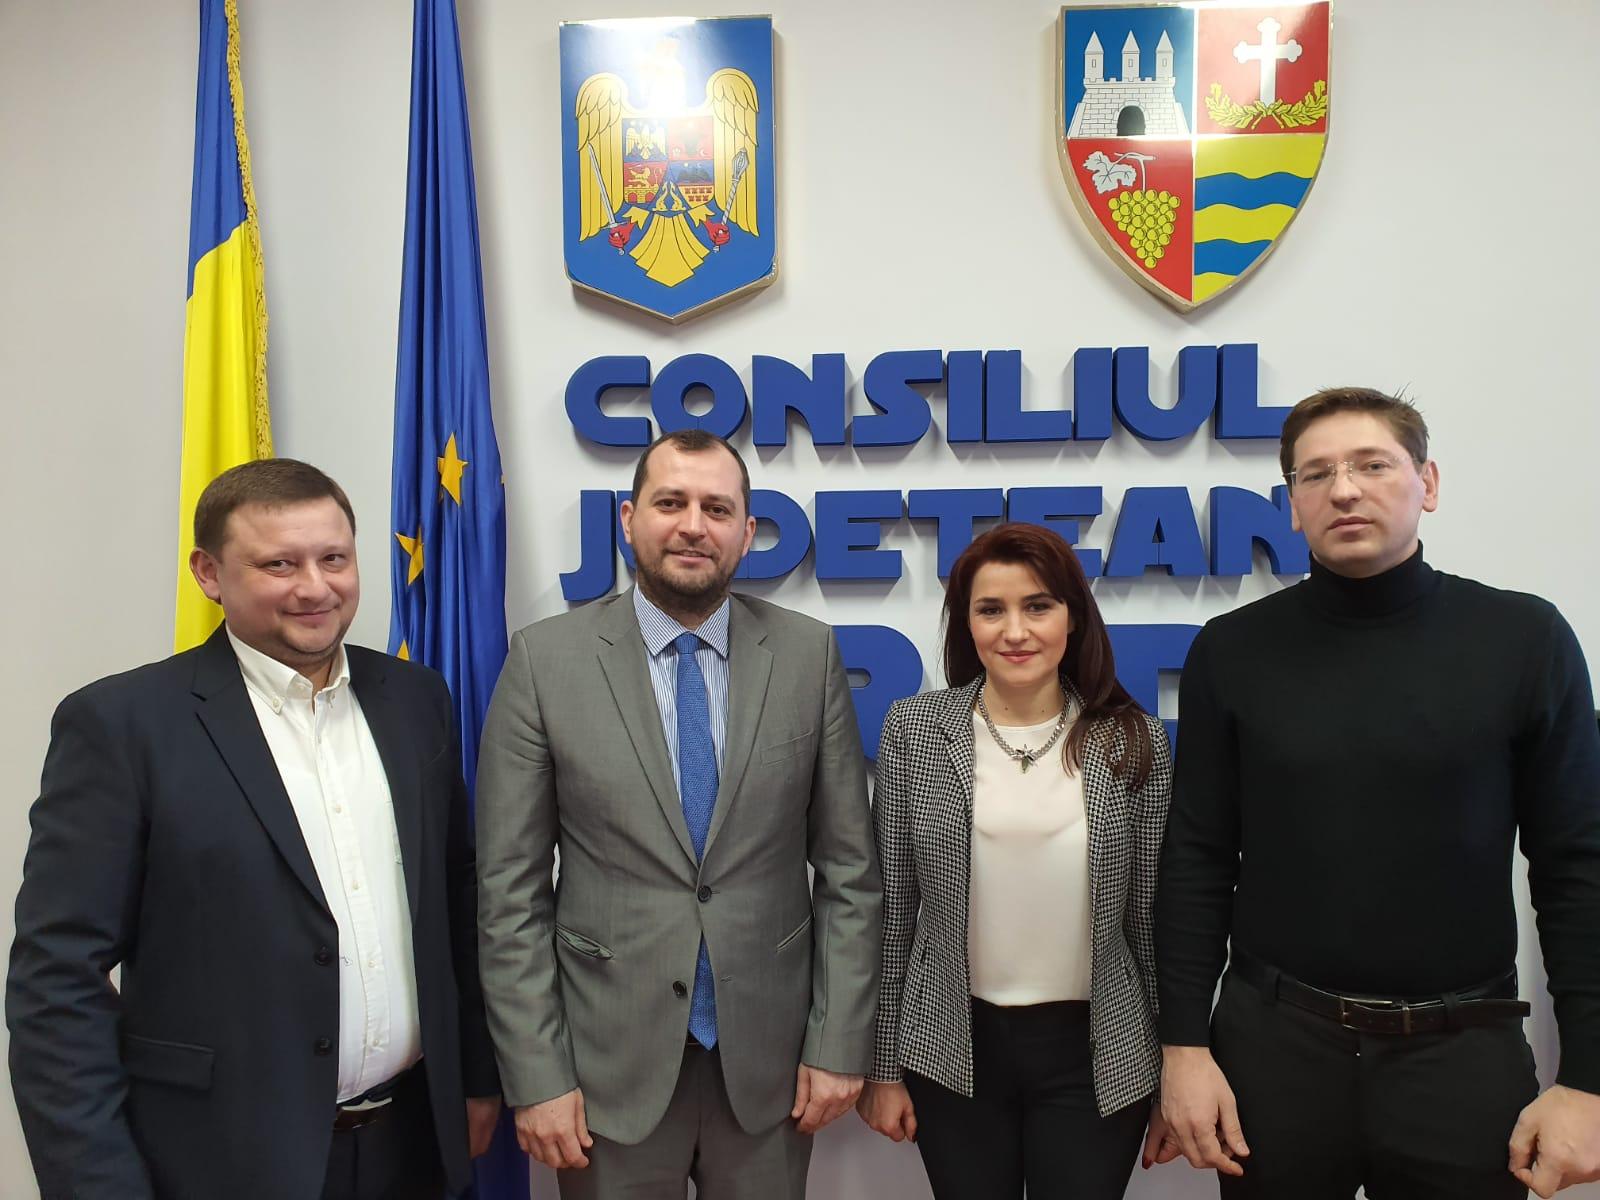 Vizită la Consiliul Județean Arad